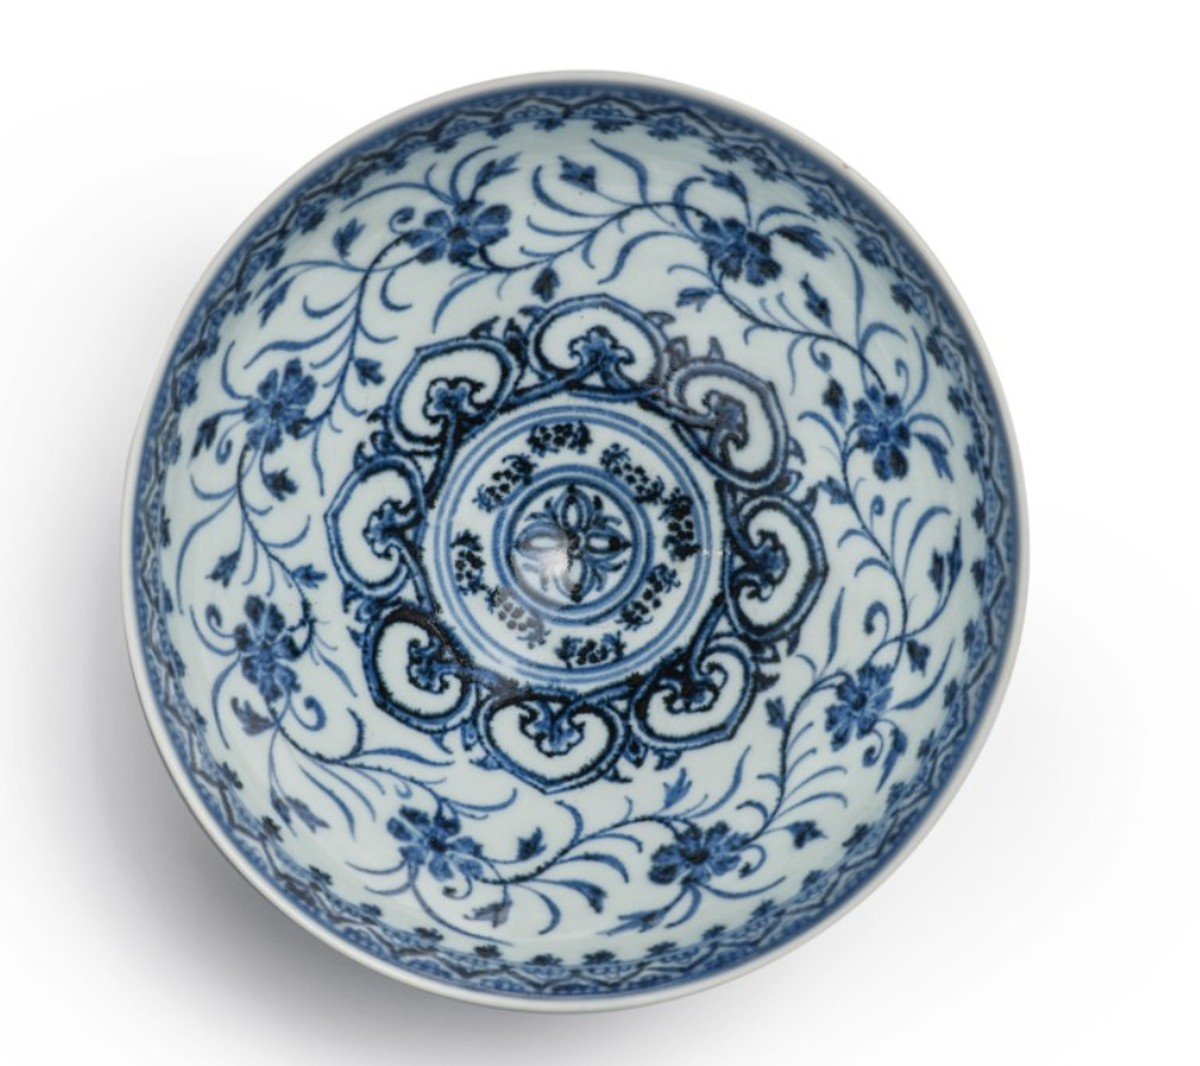 Nos EUA, peça de porcelana comprada por R$ 189 pode ser leiloada por até R$ 2,7 milhões